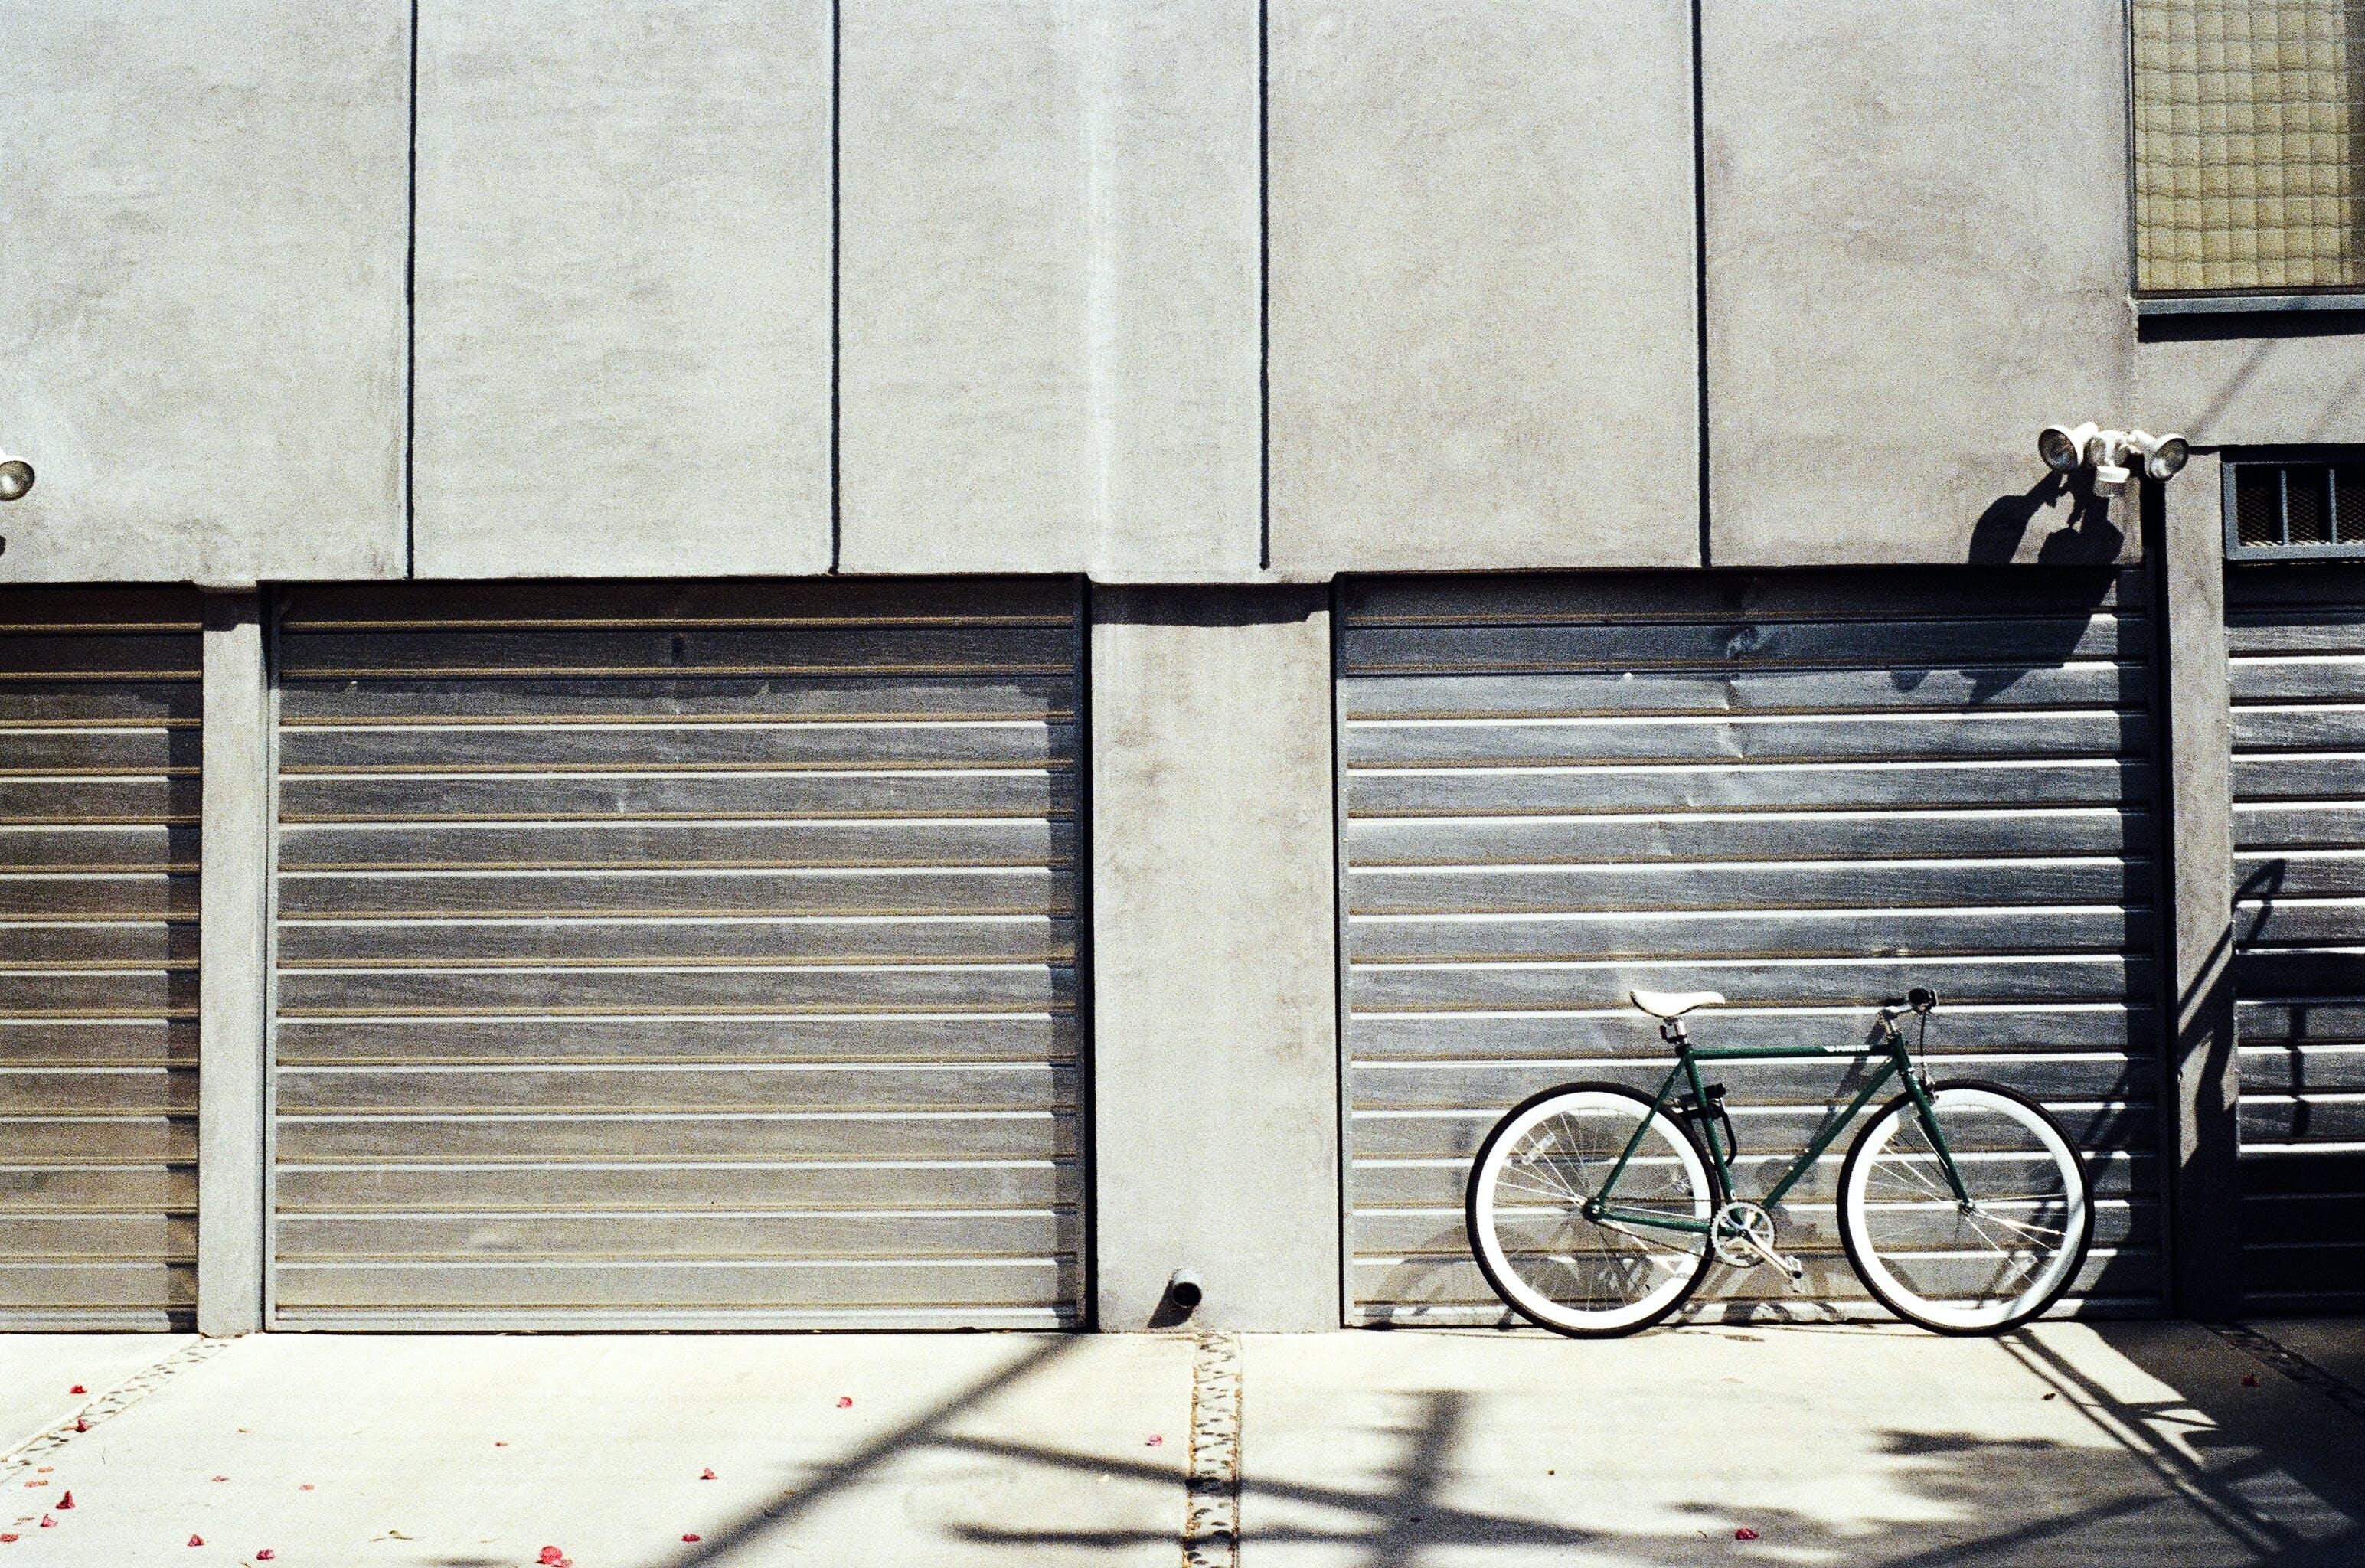 garasi, mekanik, sepeda